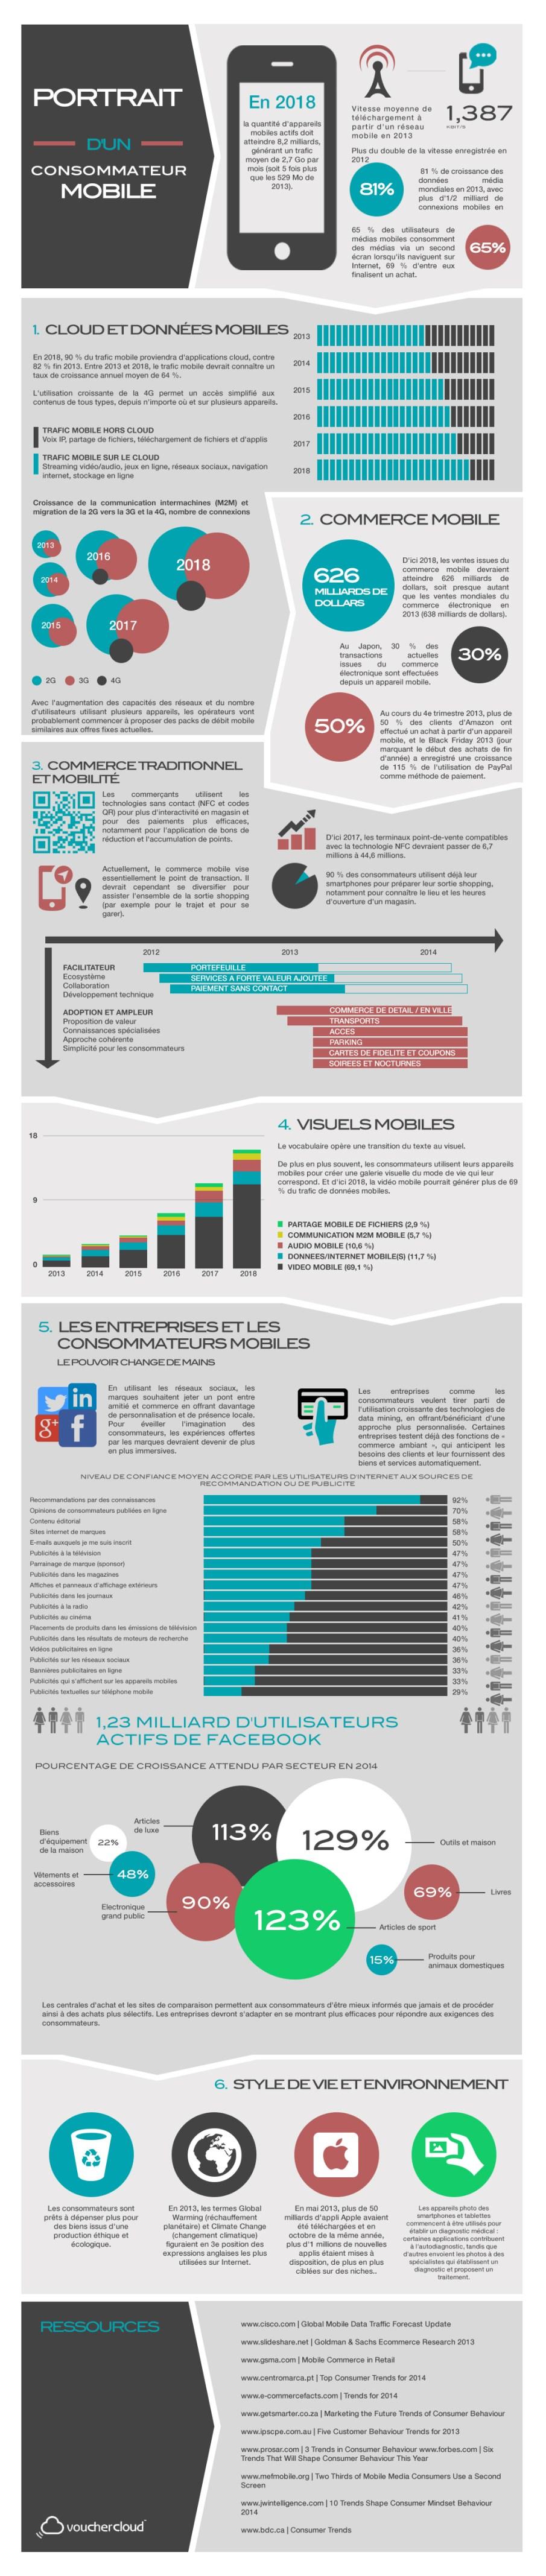 infographie du consommateur mobile